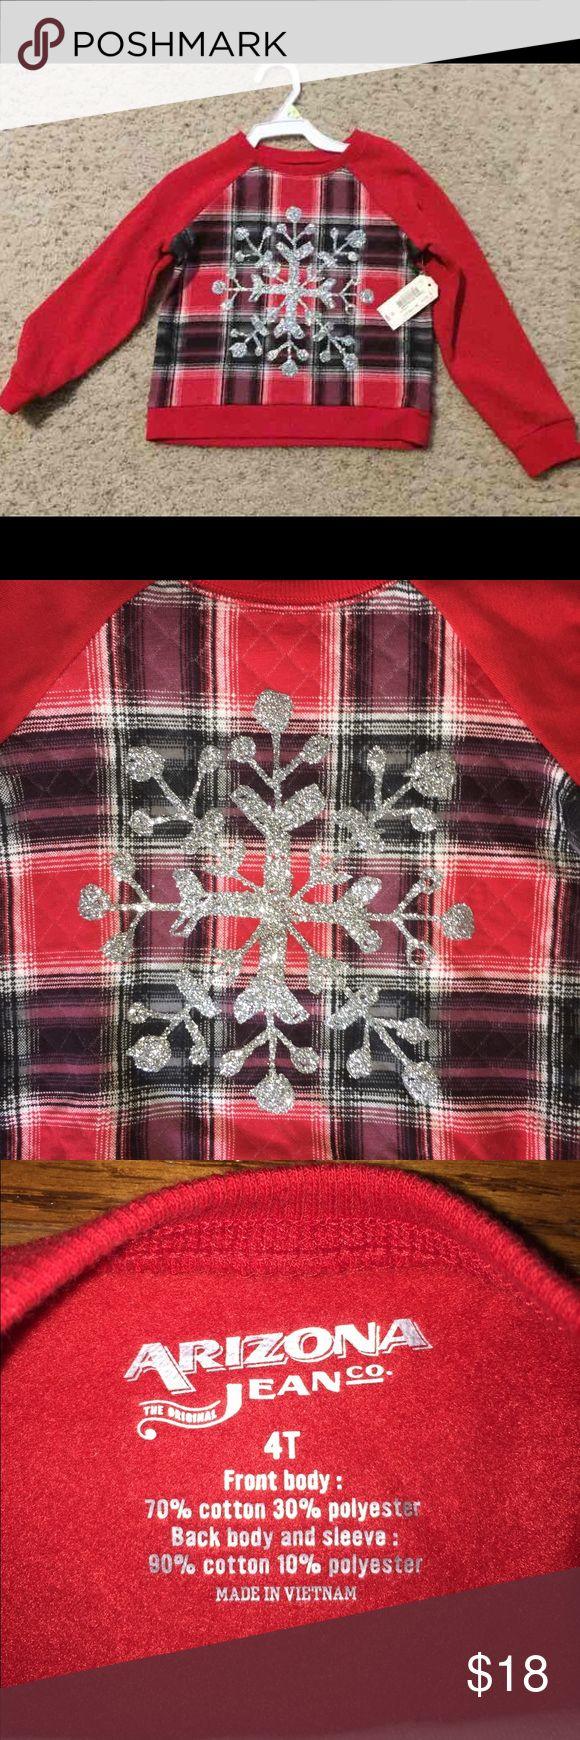 NWT - Snowflake sweatshirt - Size 4T NWT Arizona Jeans snowflake sweatshirt size 4T. Reg. $22  Non smoking home and no pets. Arizona Jean Company Shirts & Tops Sweatshirts & Hoodies